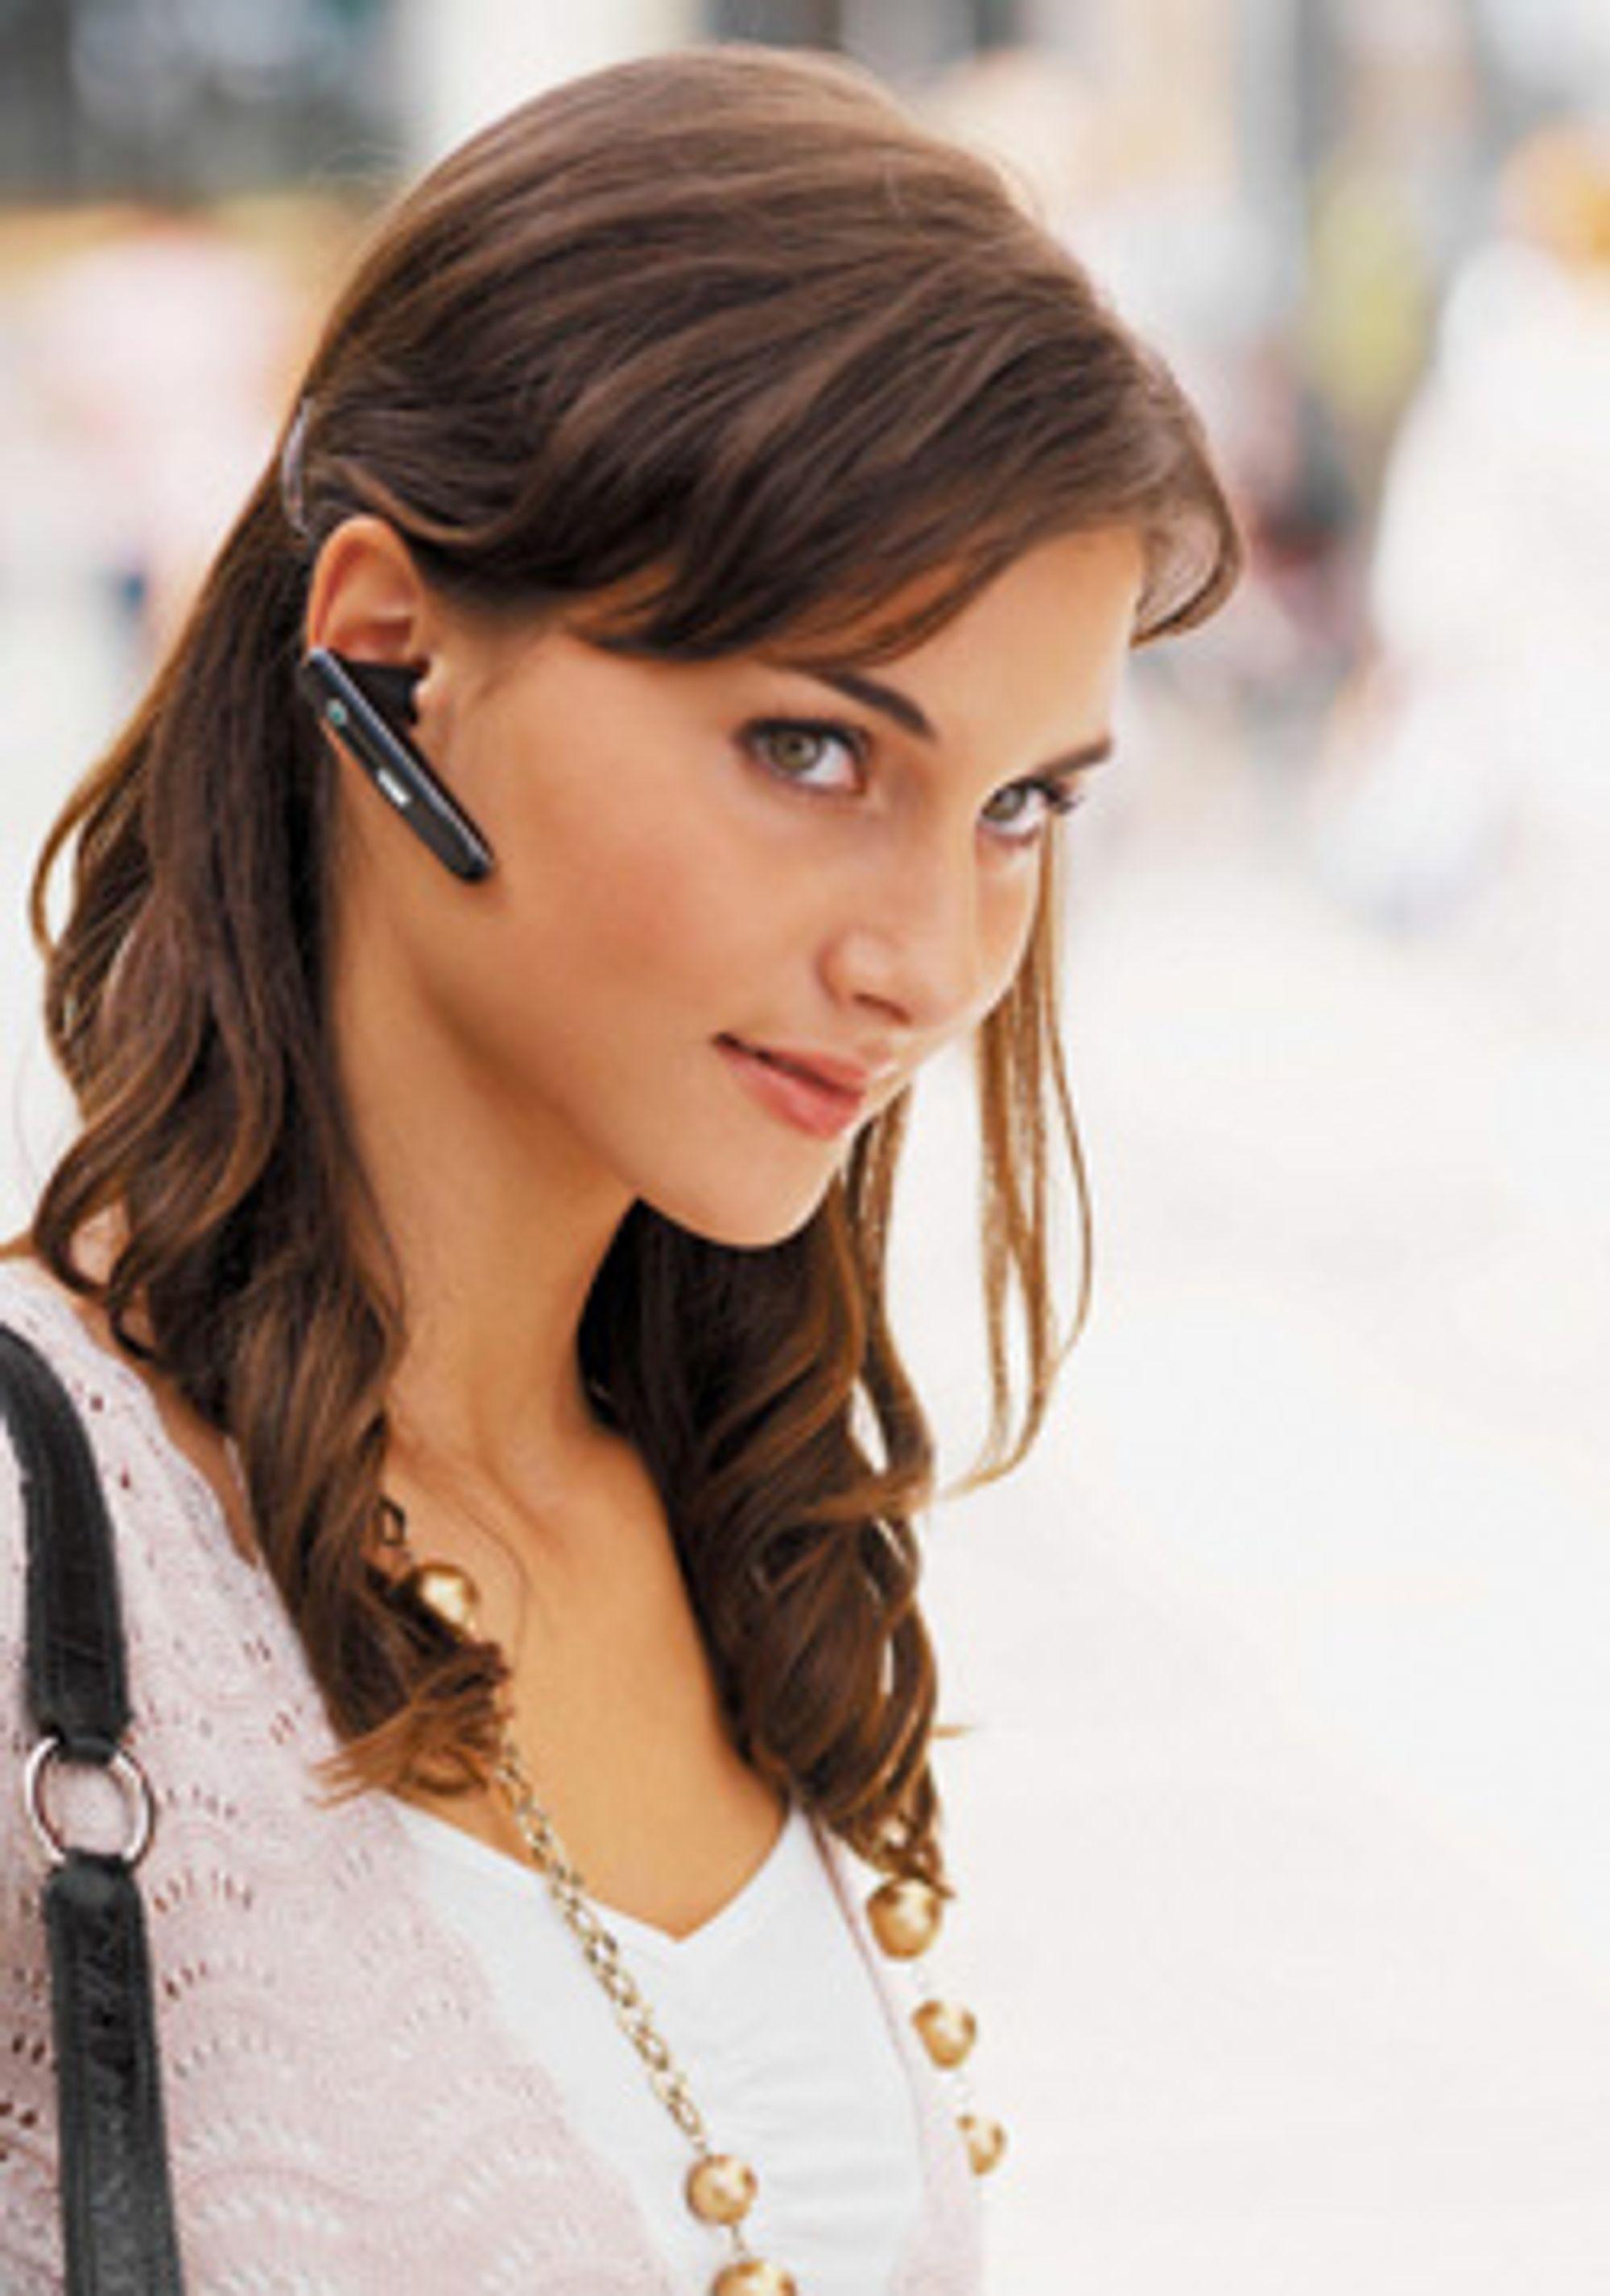 En trådløs håndfri stråler 1/250 av det mobilen stråler. (Foto: Sony Ericsson)